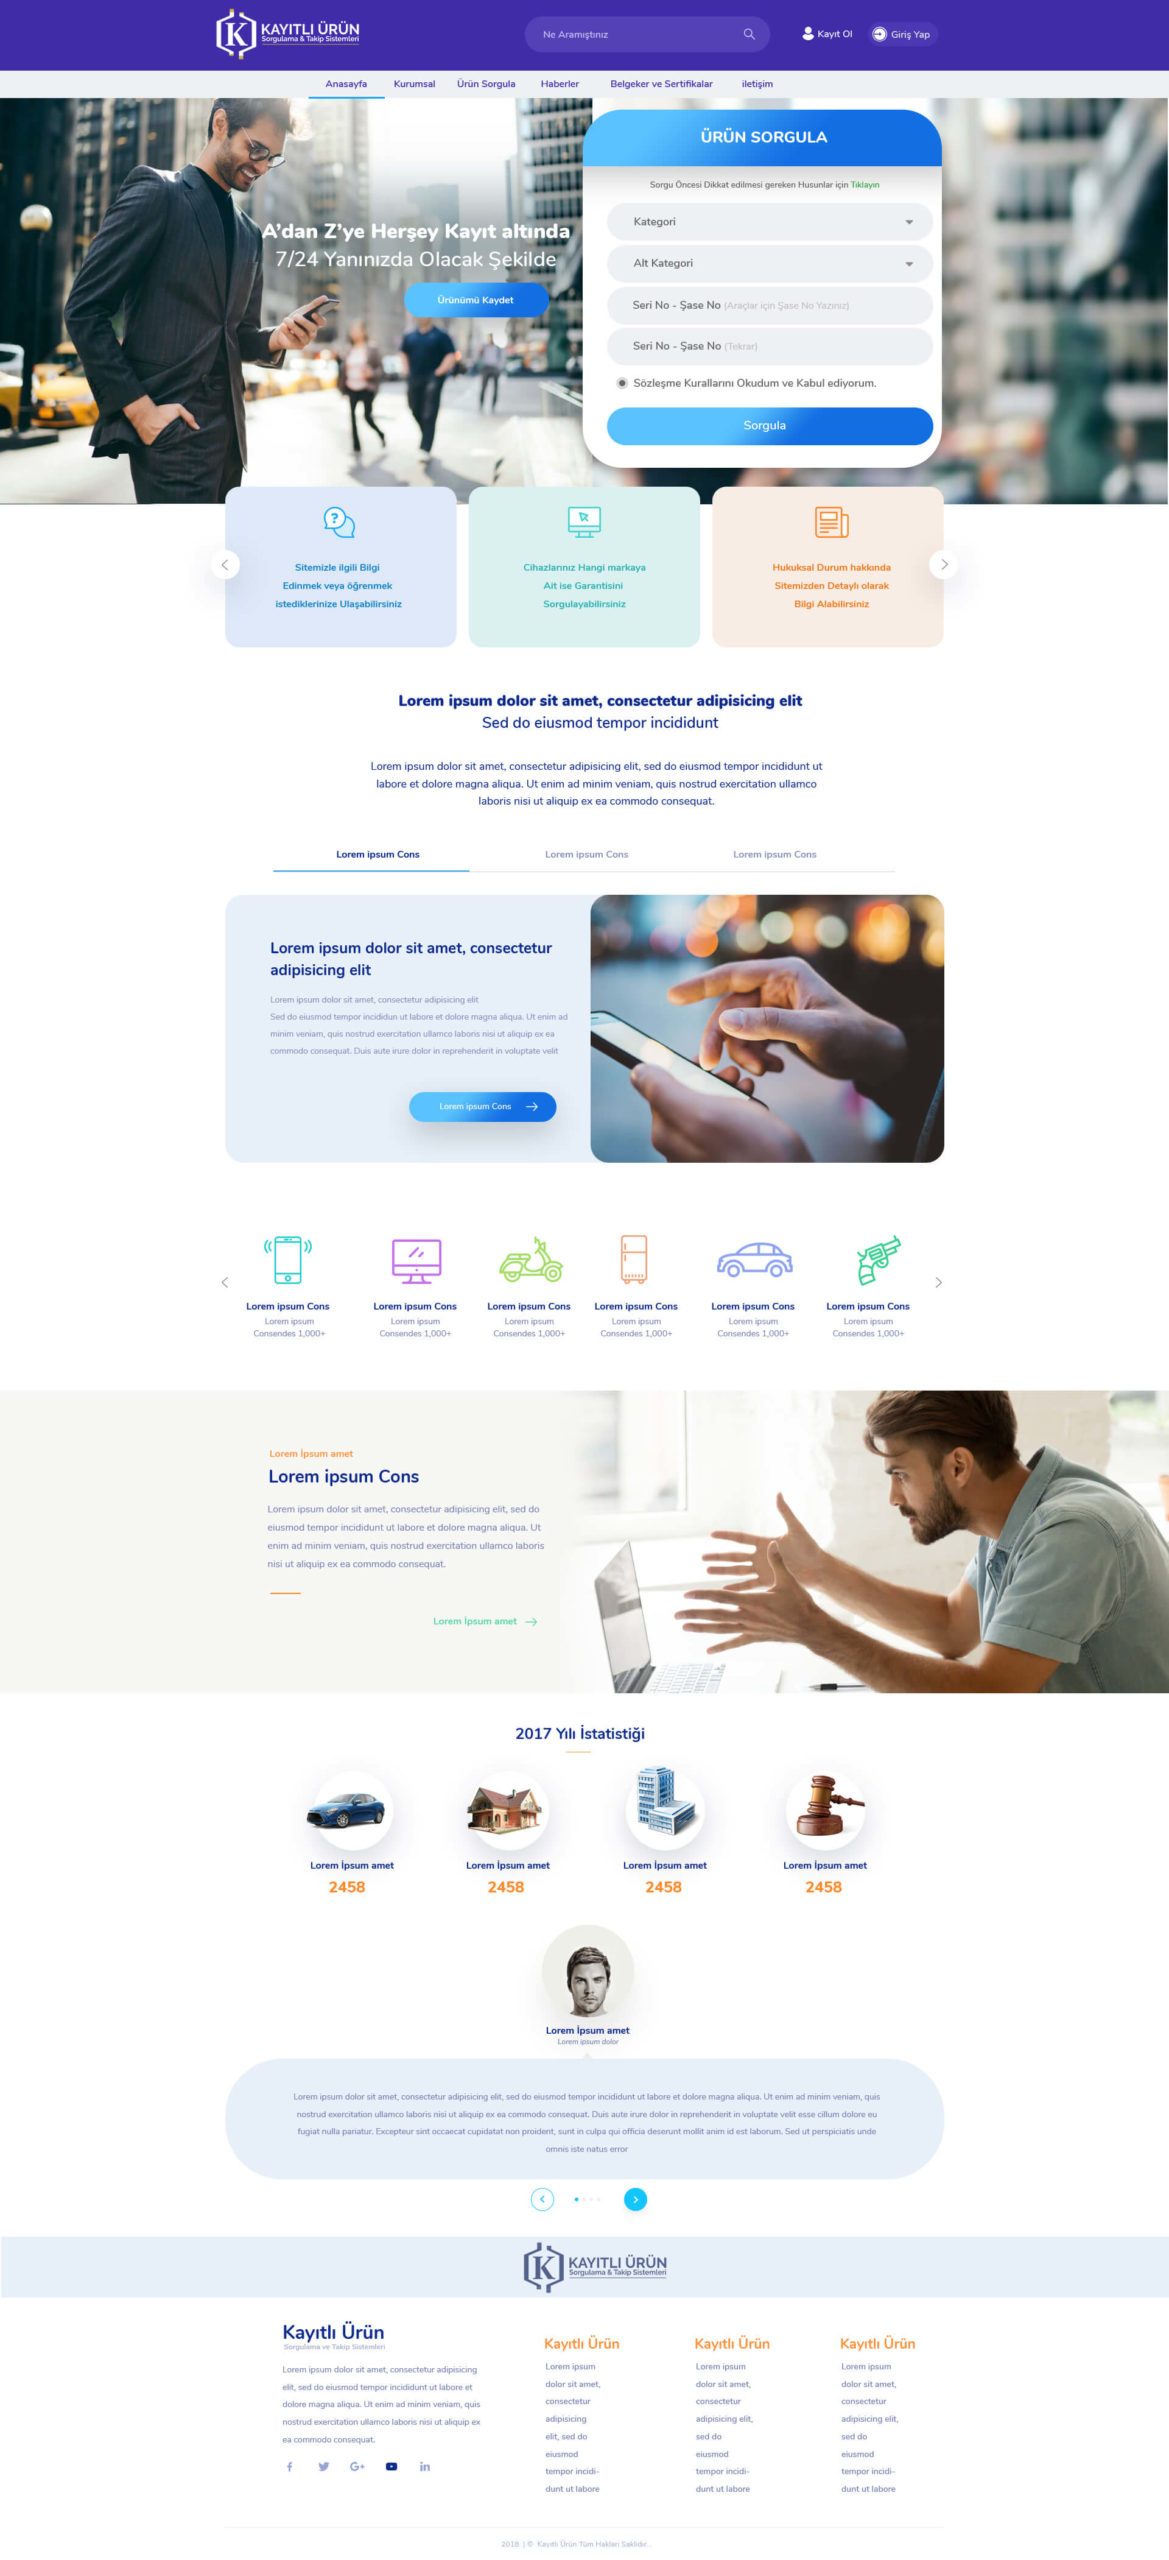 Kayıtlı Ürün Web Tasarım ve Mobil Uygulama